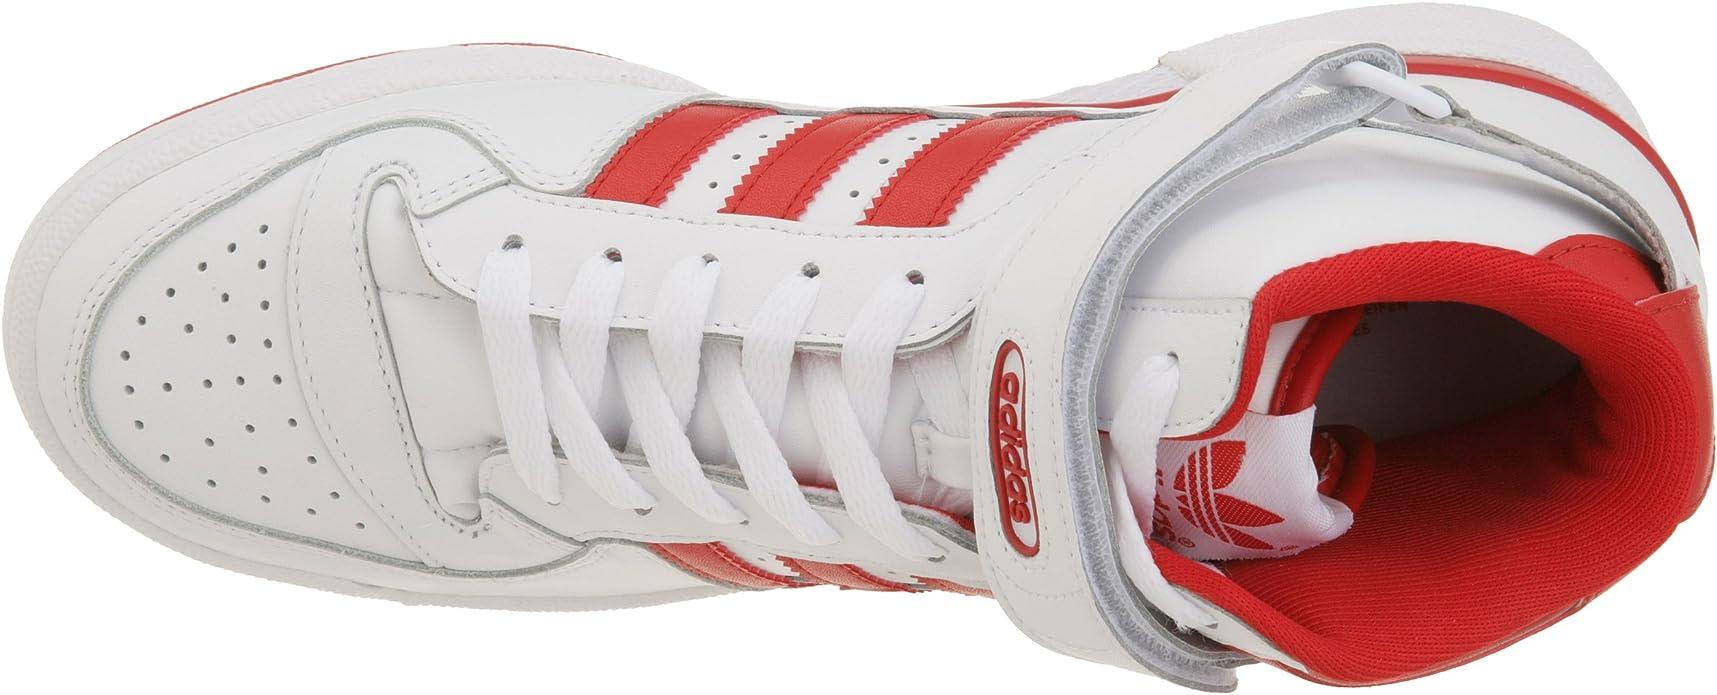 adidas Forum Mid Hi Zapatillas, Color, Talla 48: Amazon.es: Zapatos y complementos